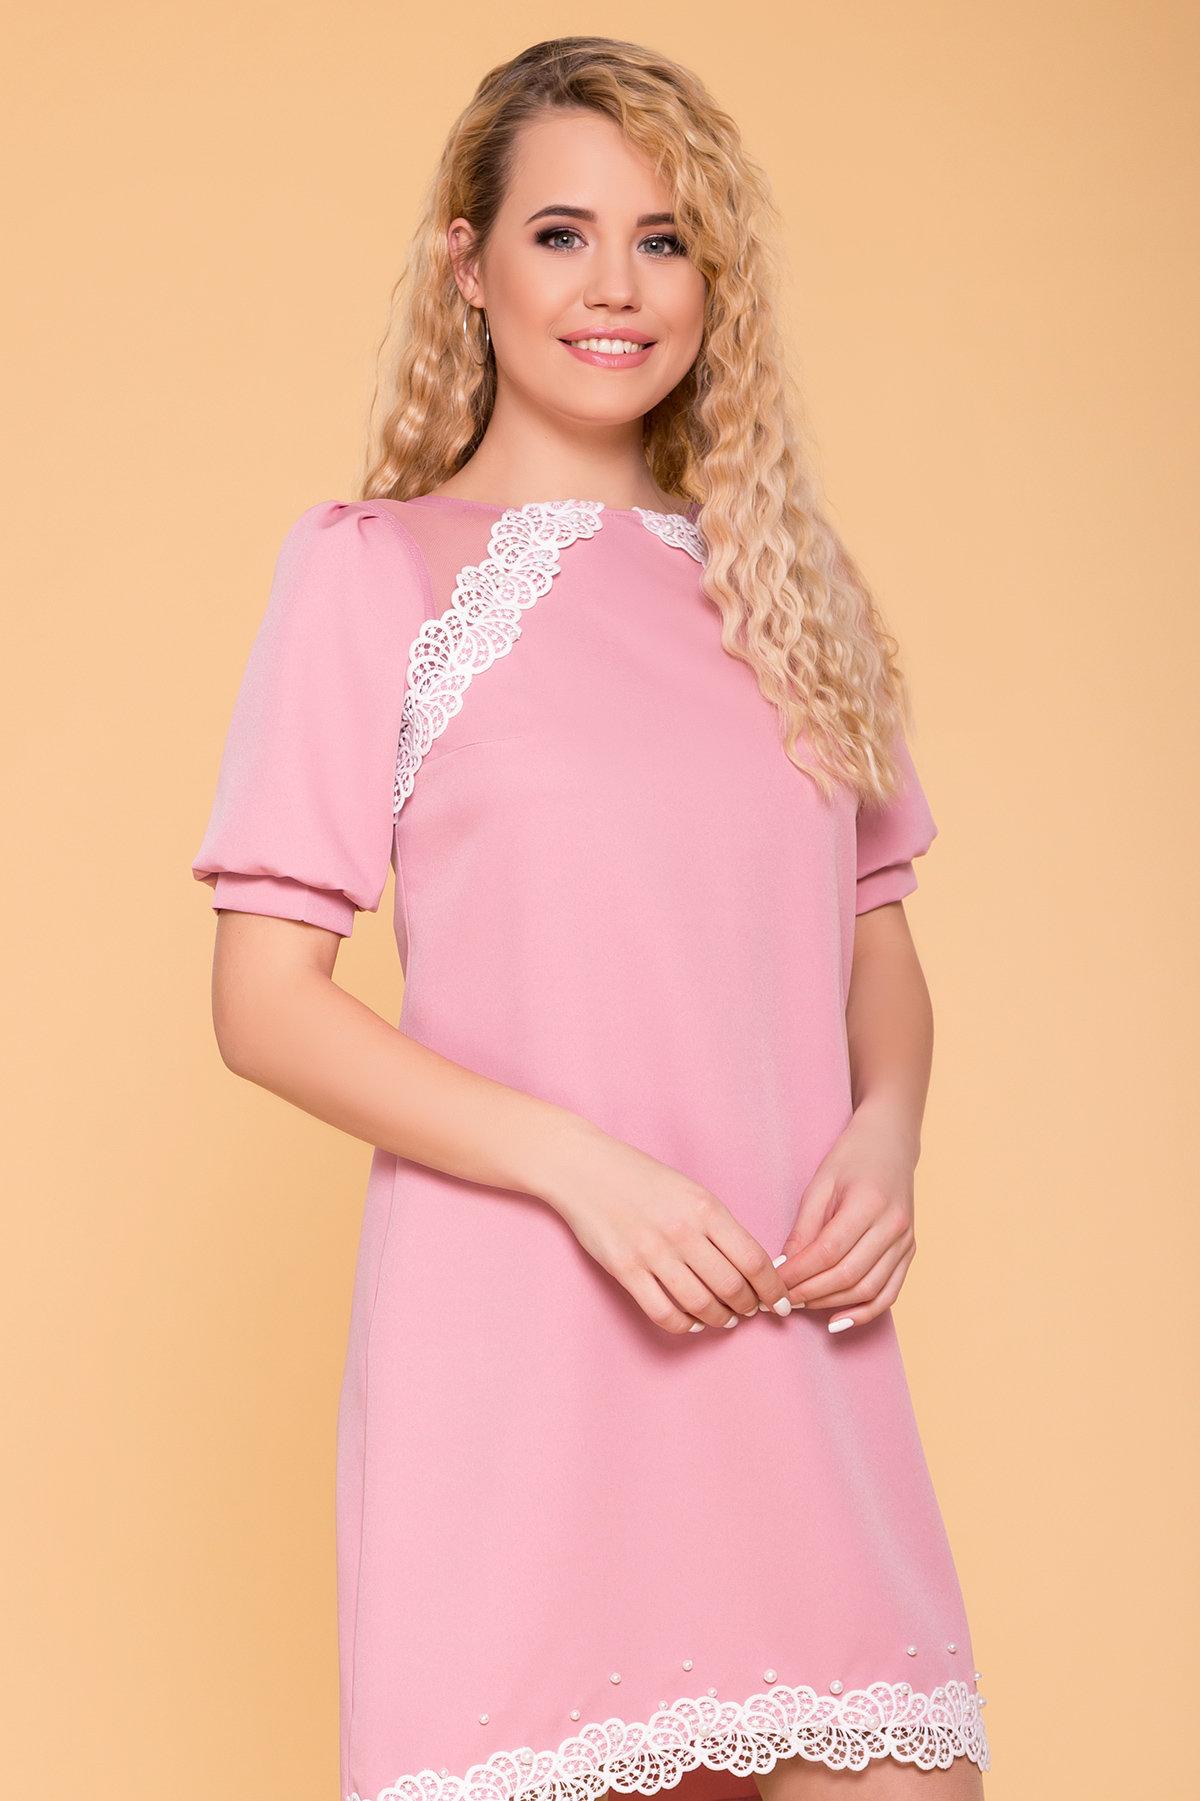 Платье с рукавом фонарик Алексис 6650 АРТ. 41754 Цвет: Пудра 15 - фото 3, интернет магазин tm-modus.ru